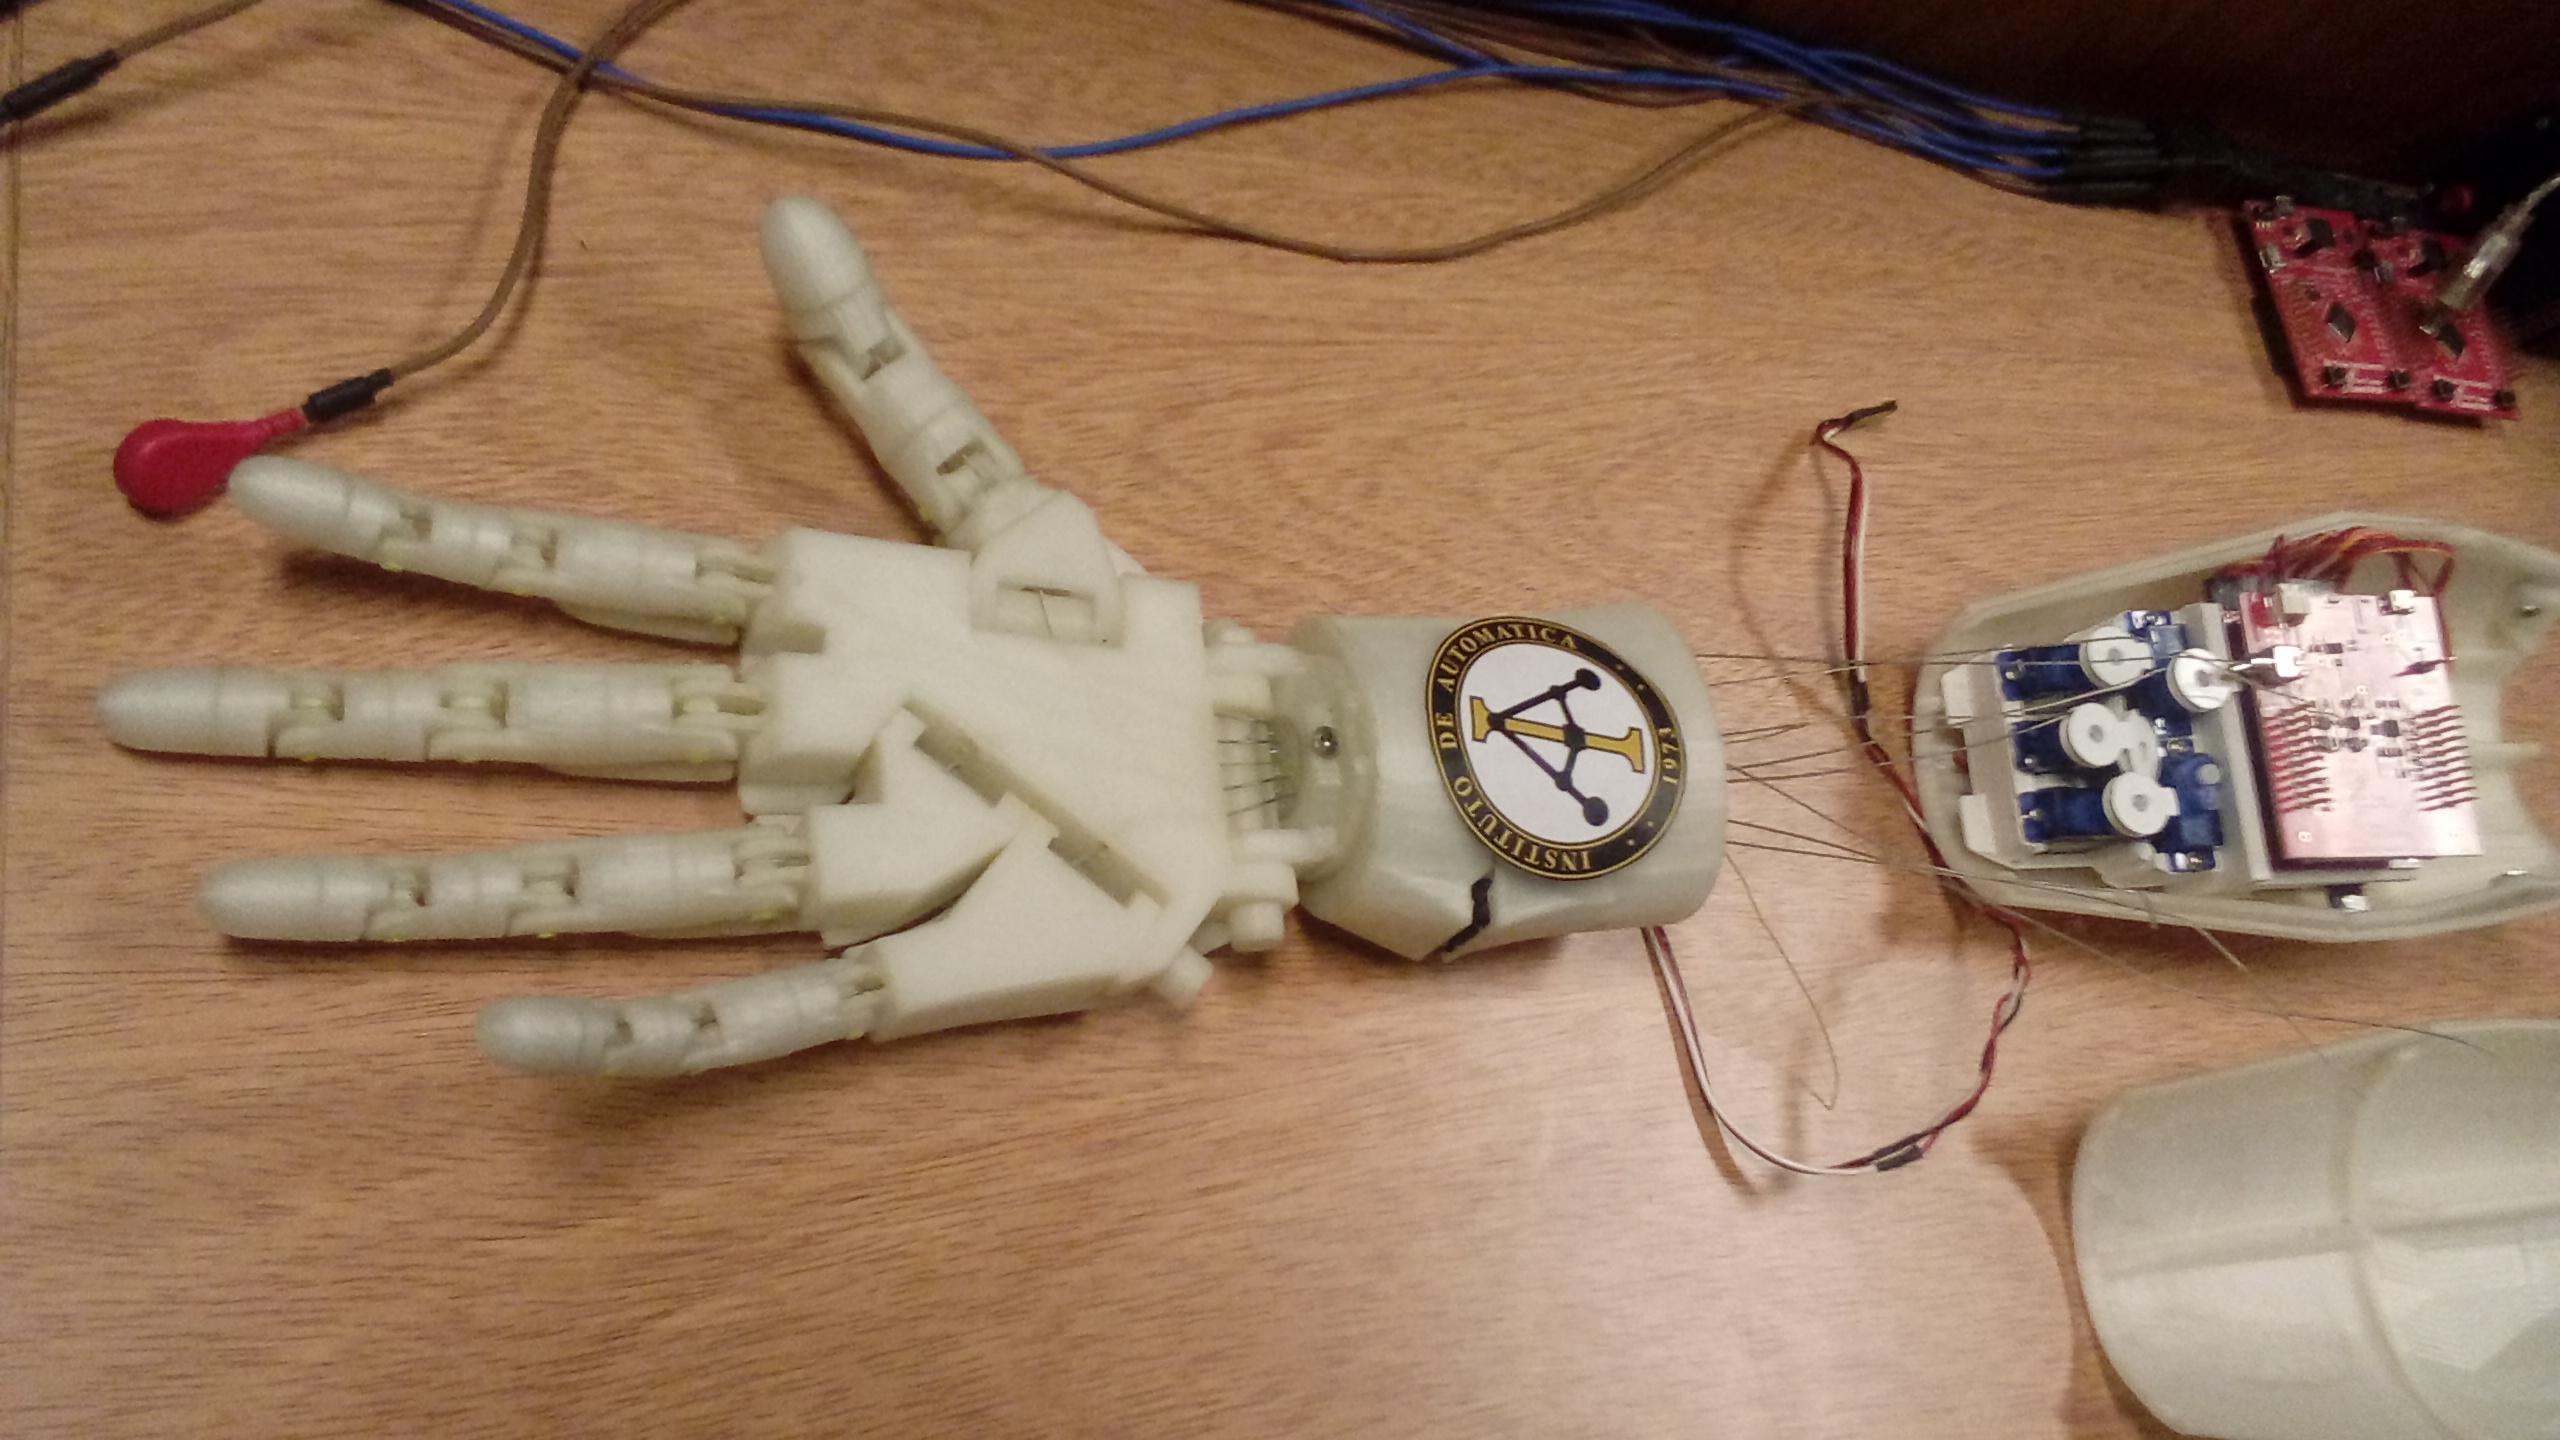 Una prótesis de mano que responde a las intenciones del usuario